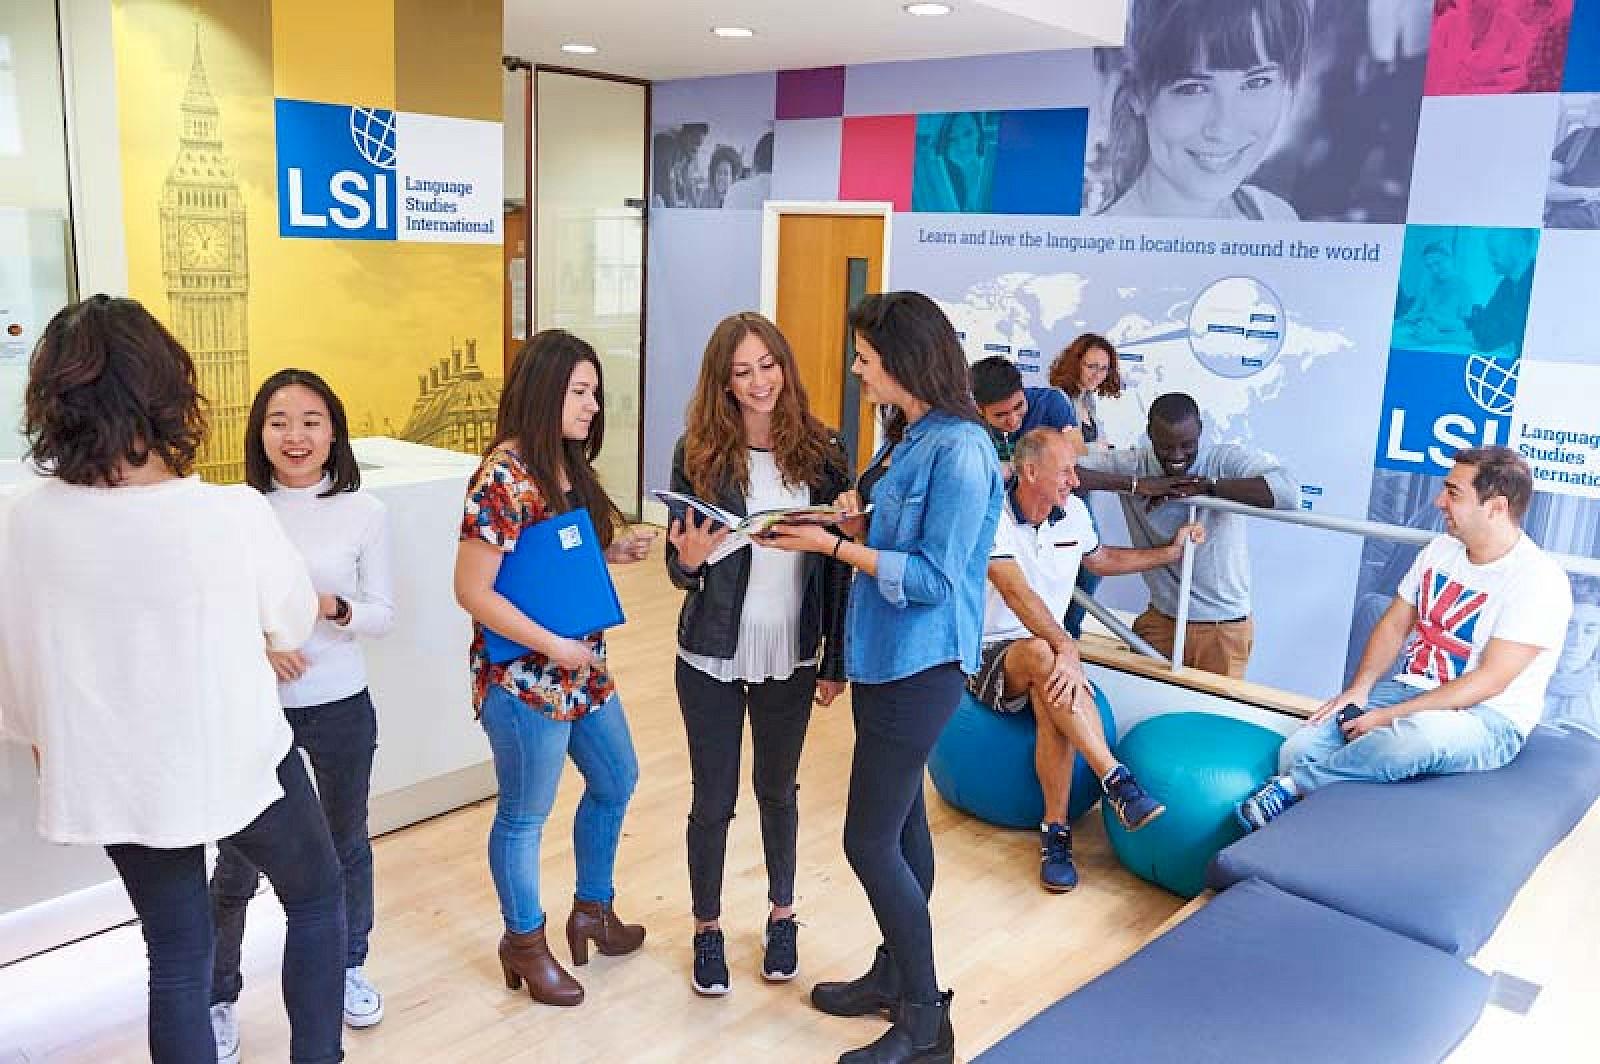 İngiltere Macerası başlıyor! LSI Dil Okulunda %25 indirim sizleri ...